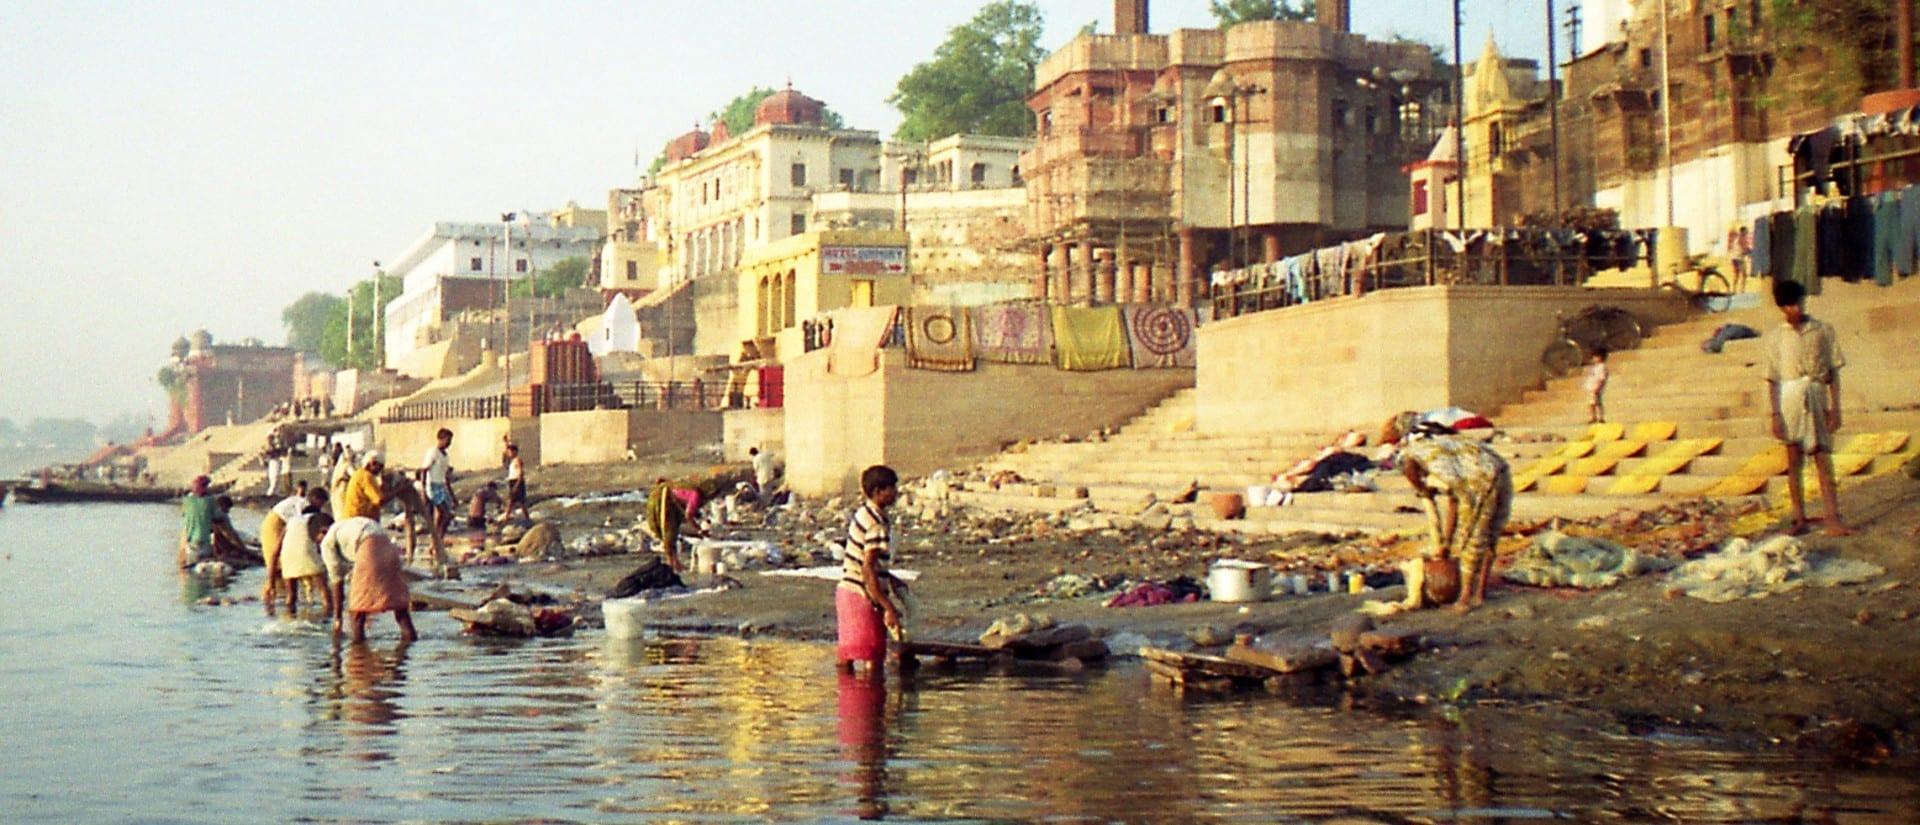 Dasaswamedh Ghat (ghat principal) Varanasi / Benares India